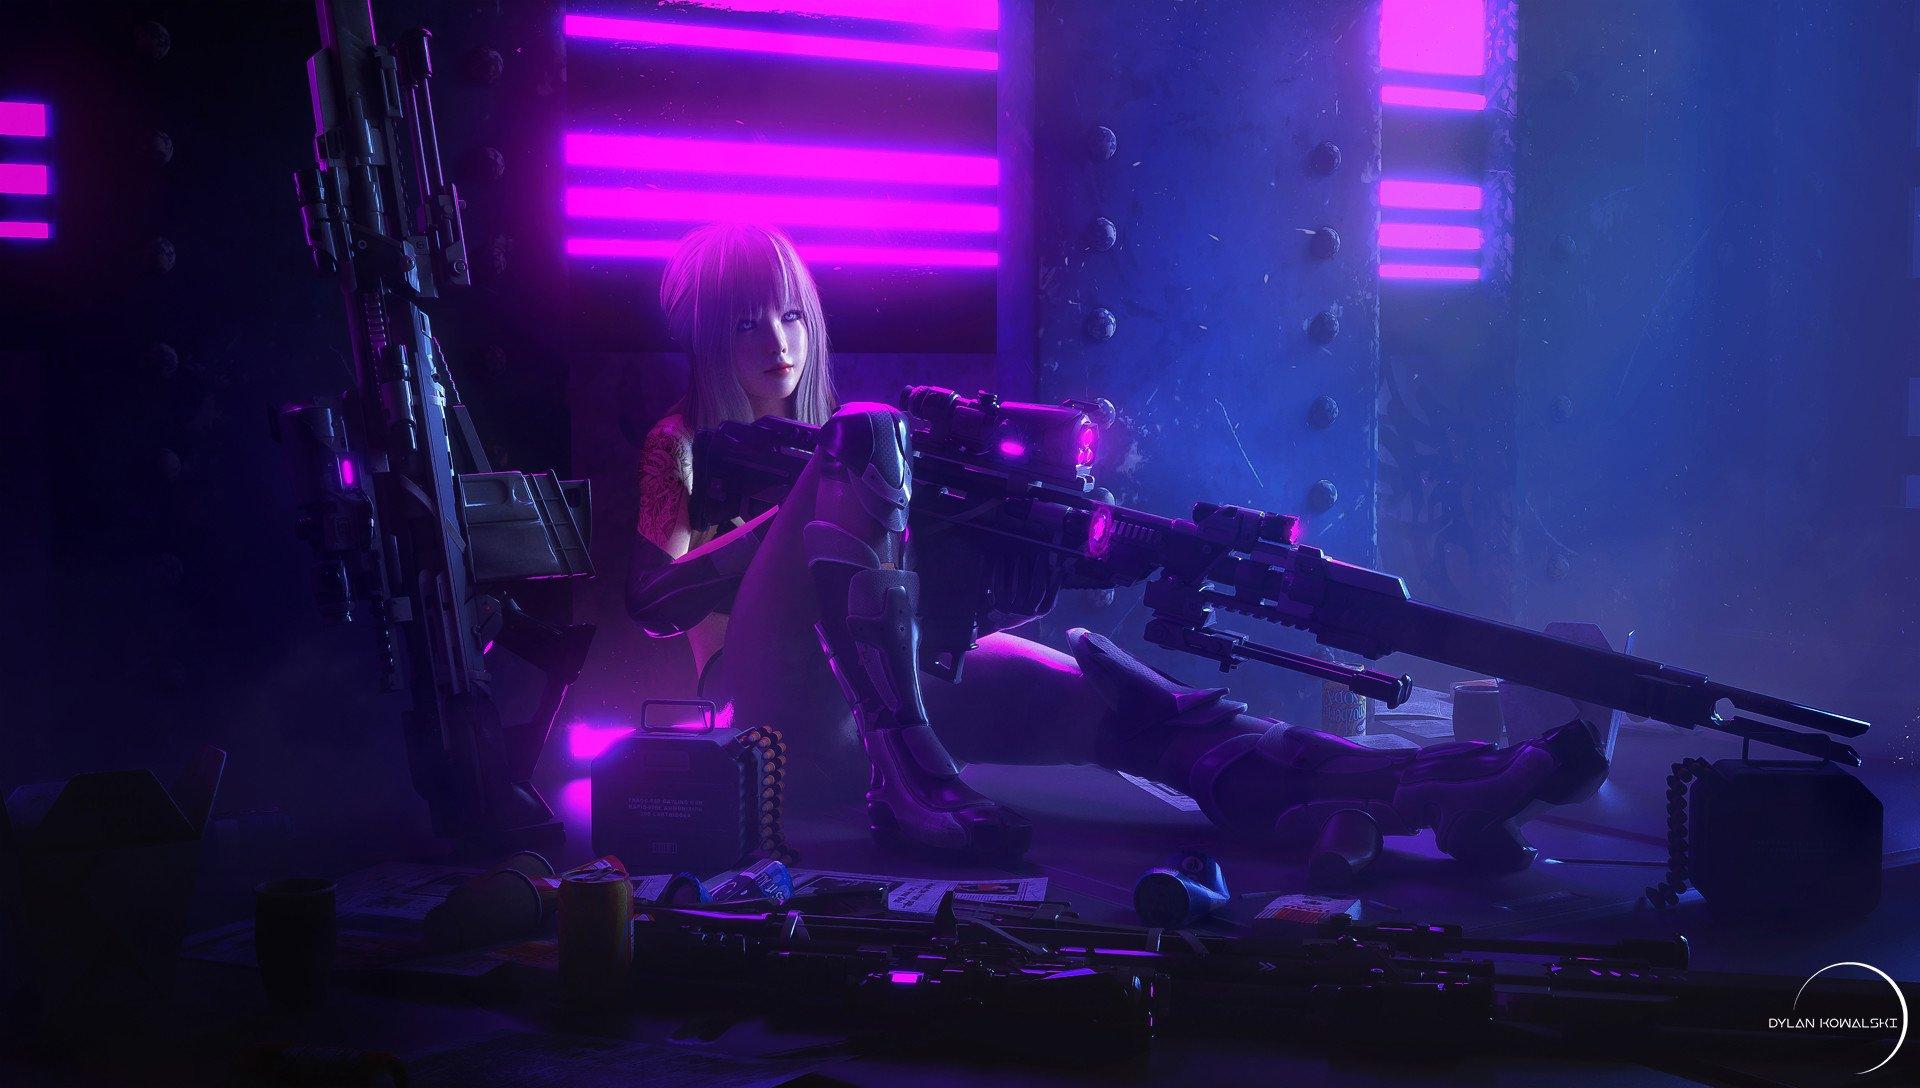 Fondos de pantalla Cyberpunk Chica francotirador